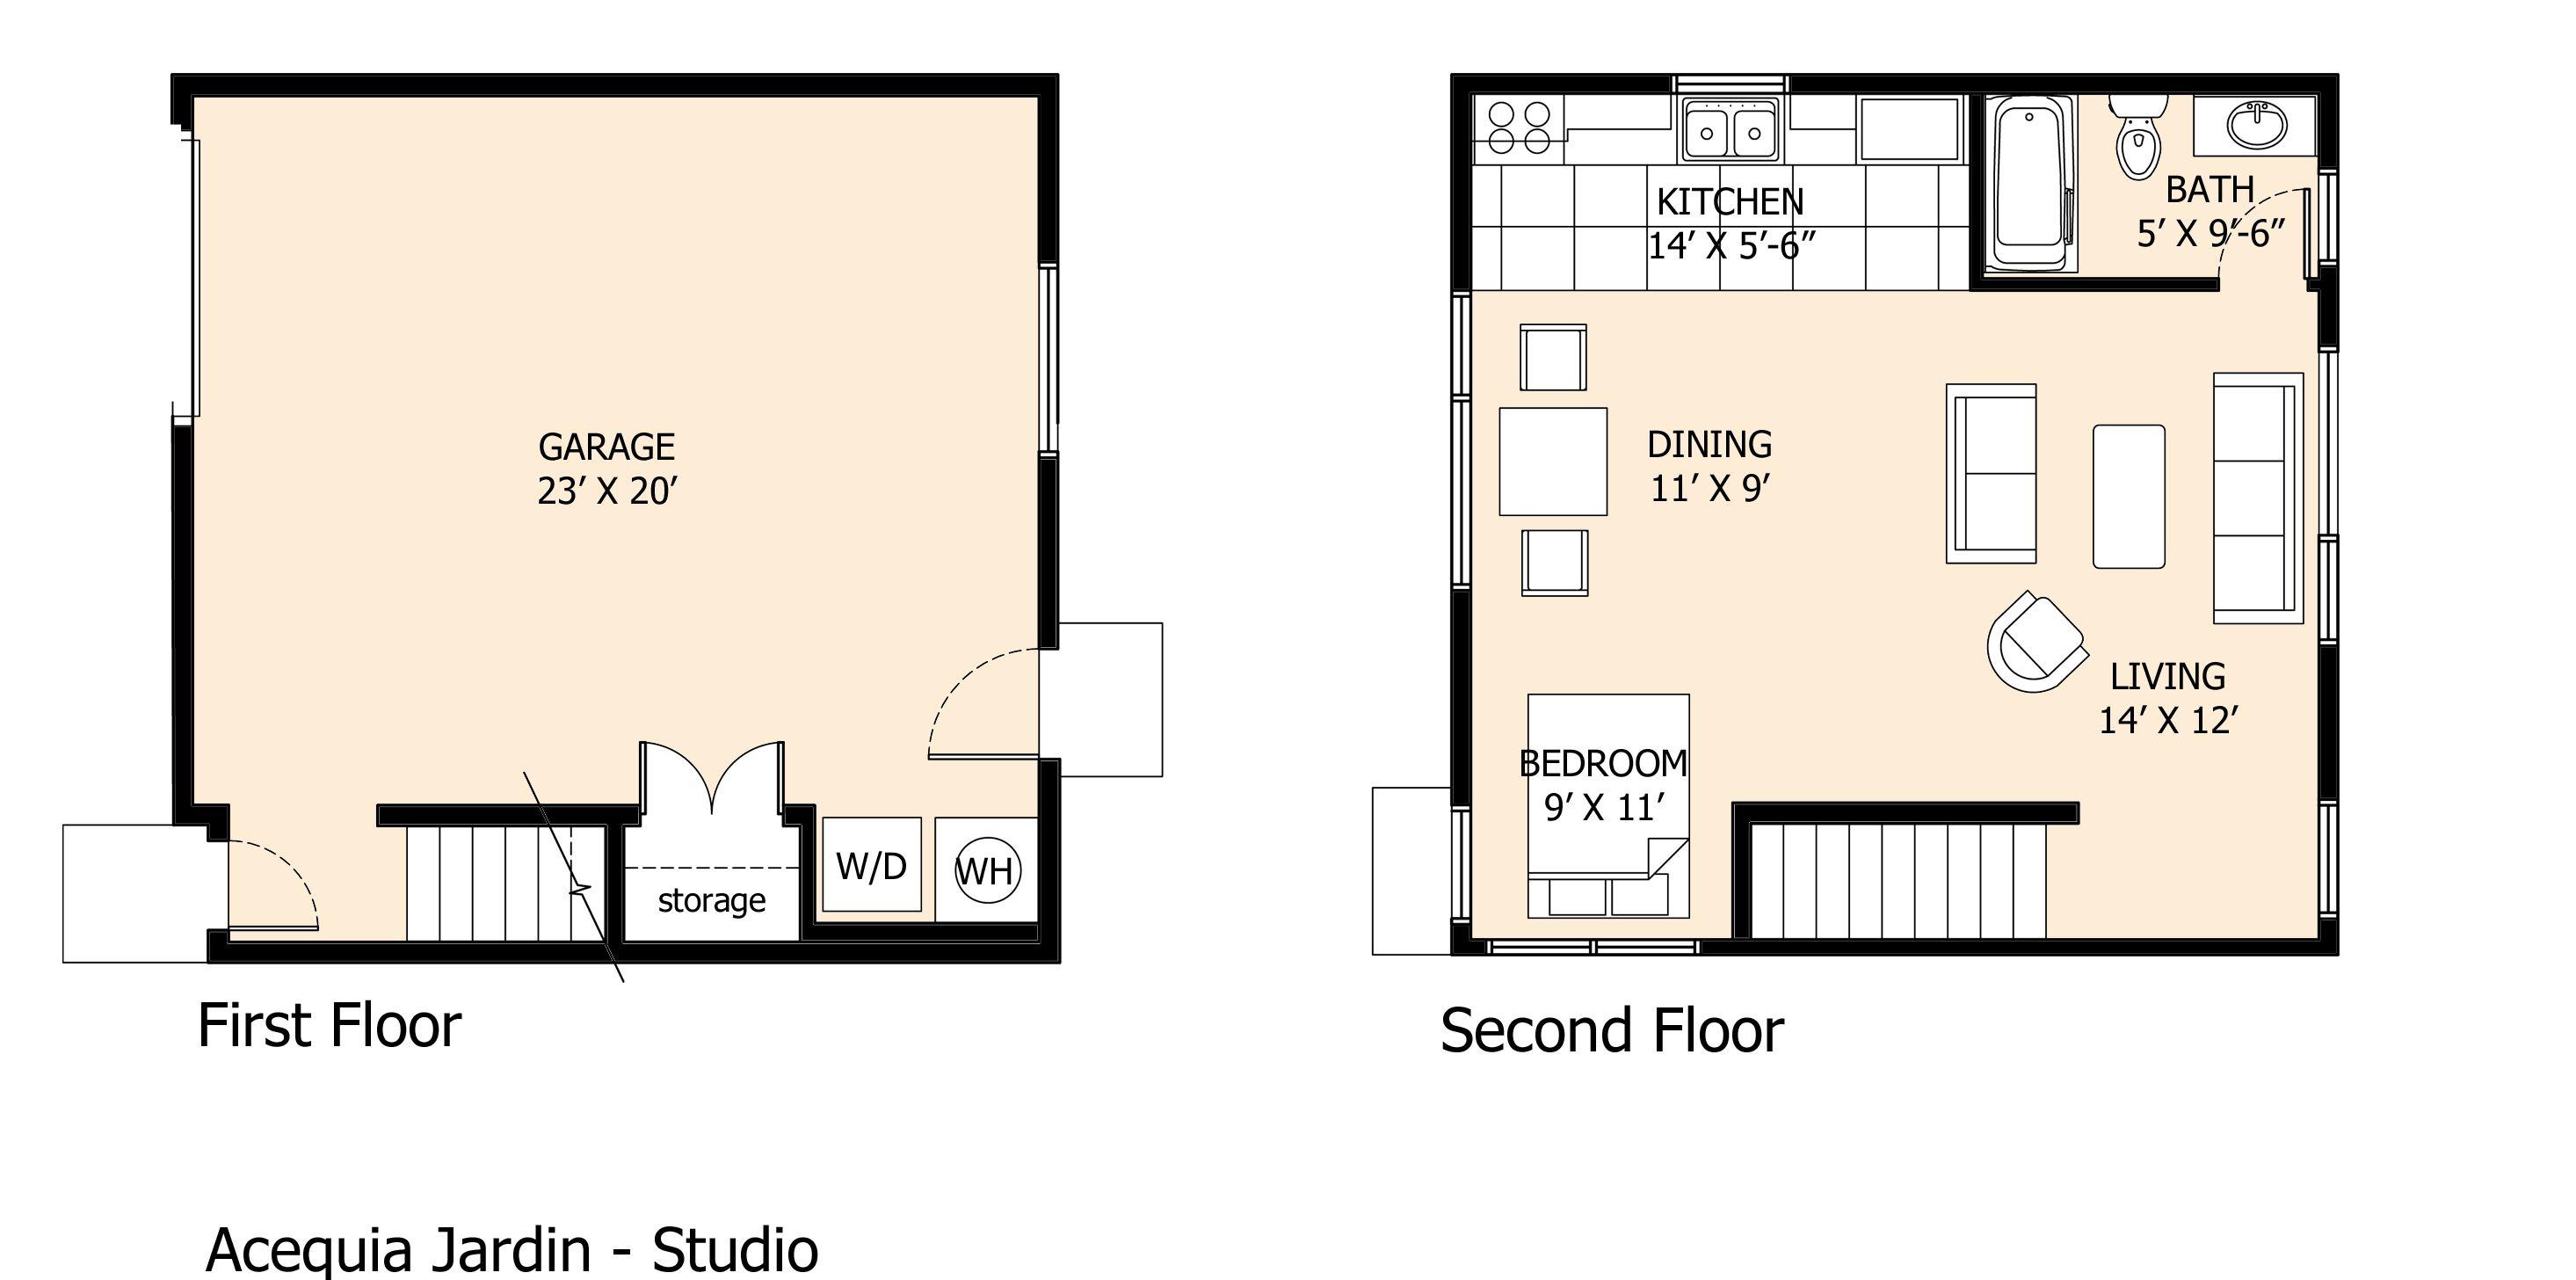 Studio Home Floor Plan | Small house floor plans, Floor ...